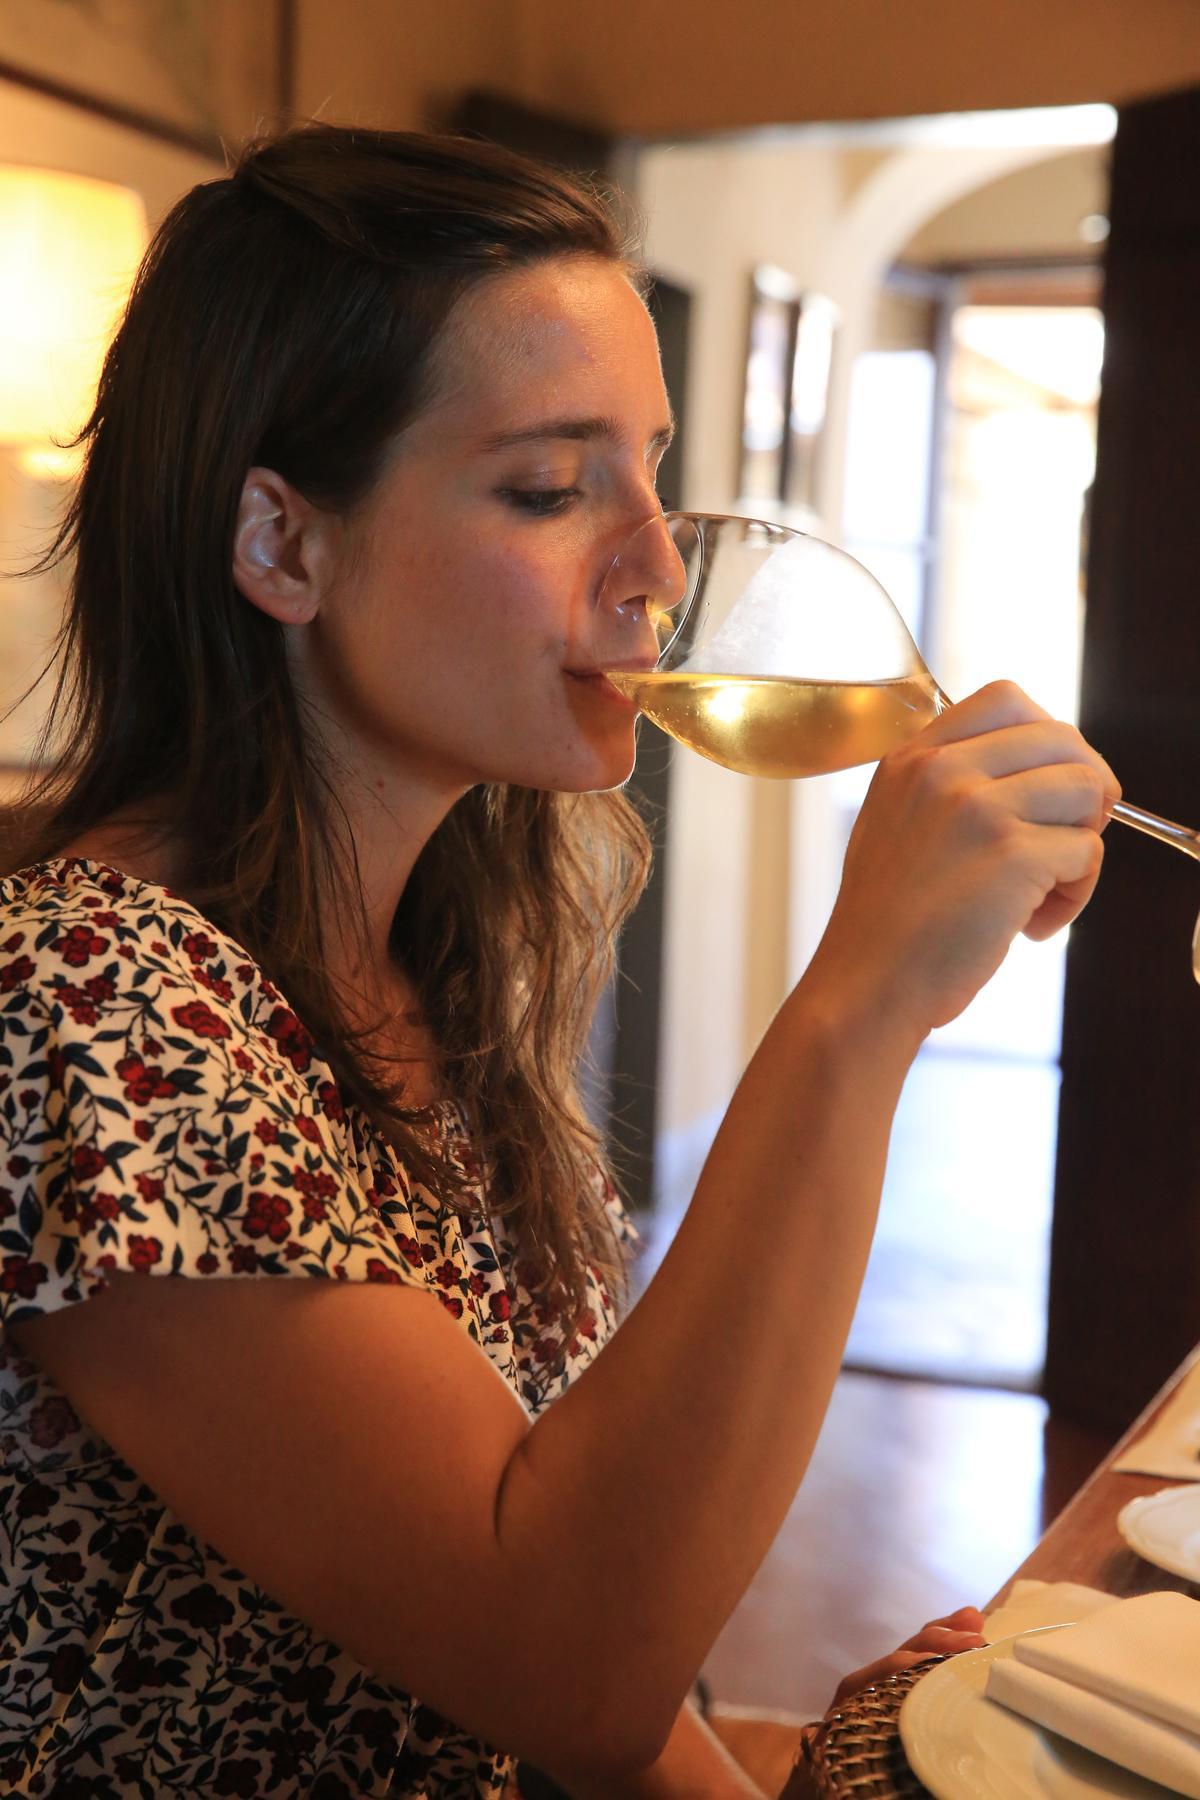 「Leonia Pomino Brut」氣泡酒是為了紀念當時的莊主夫人Leonia degli Albizzi 。